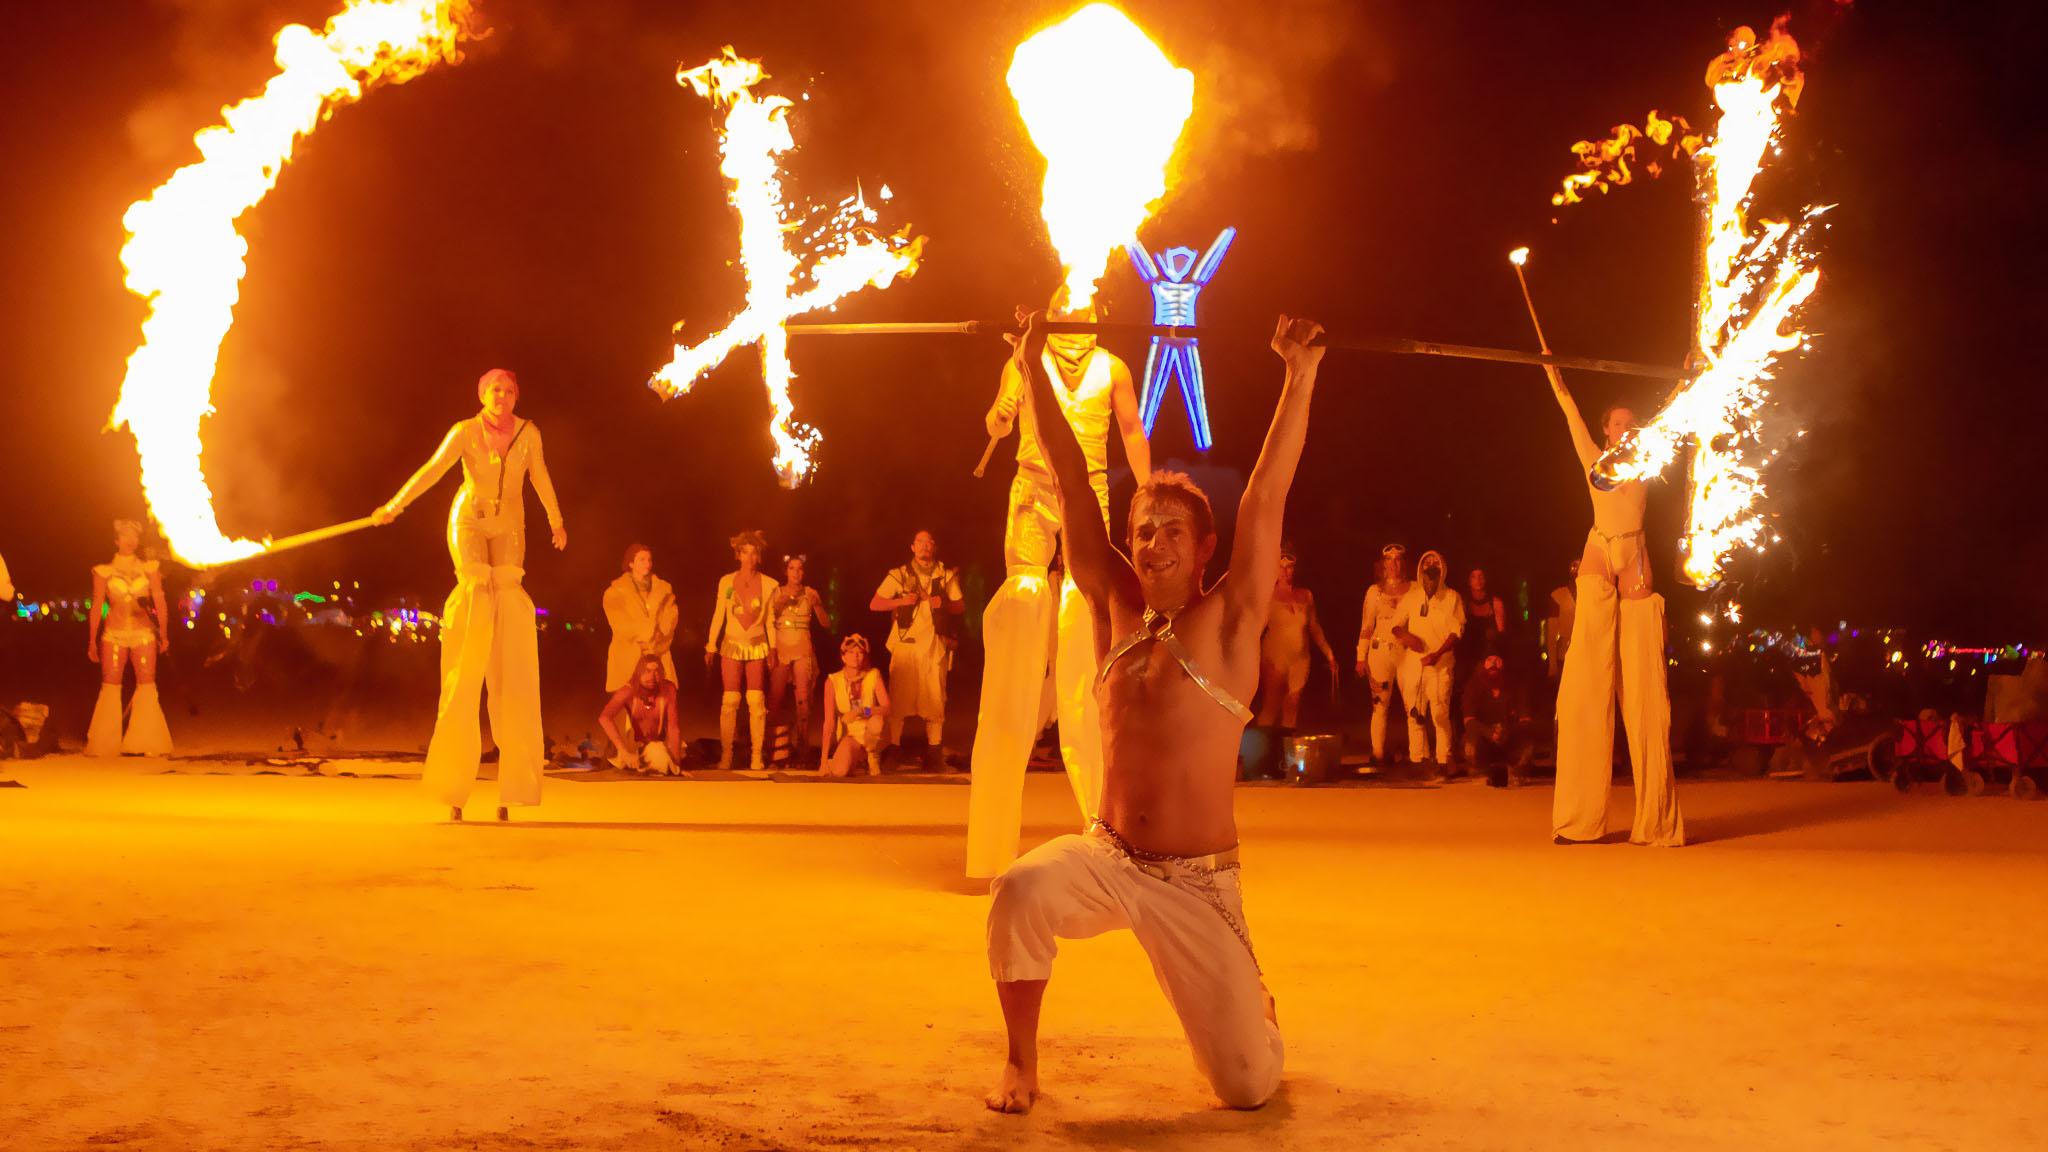 Burningman1.jpg